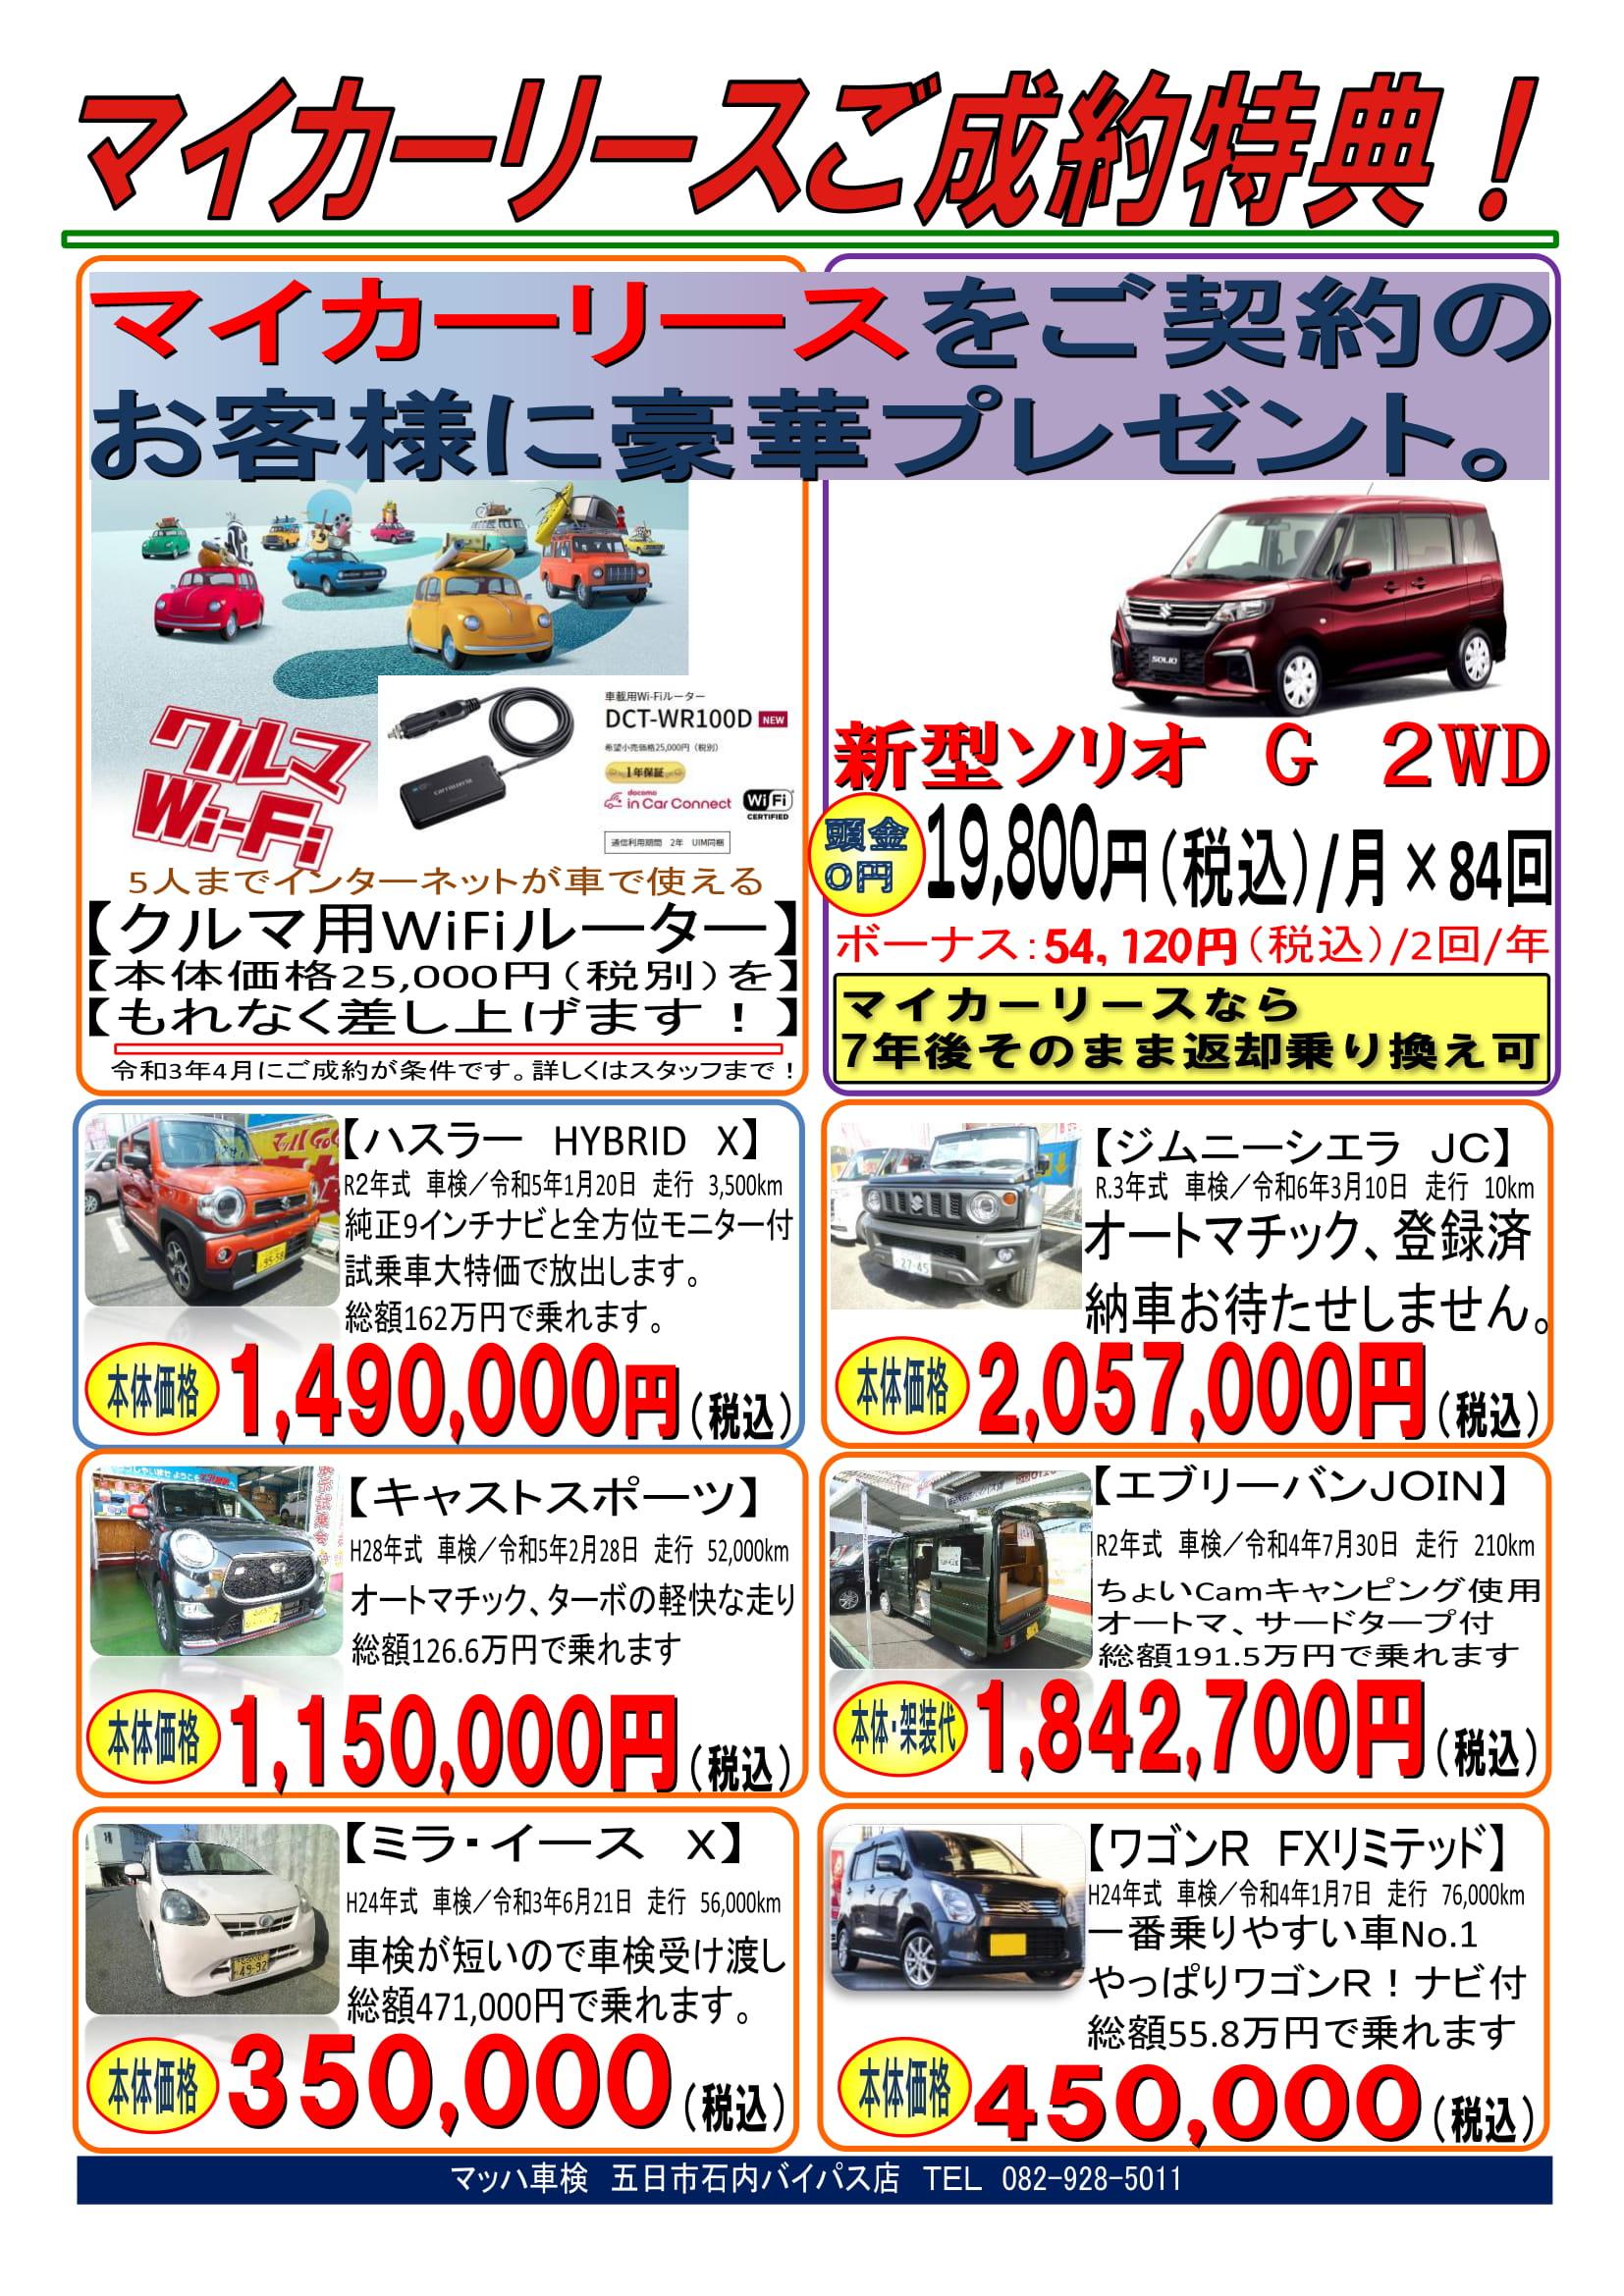 マッハ車検五日市店 マッハ通信4月号